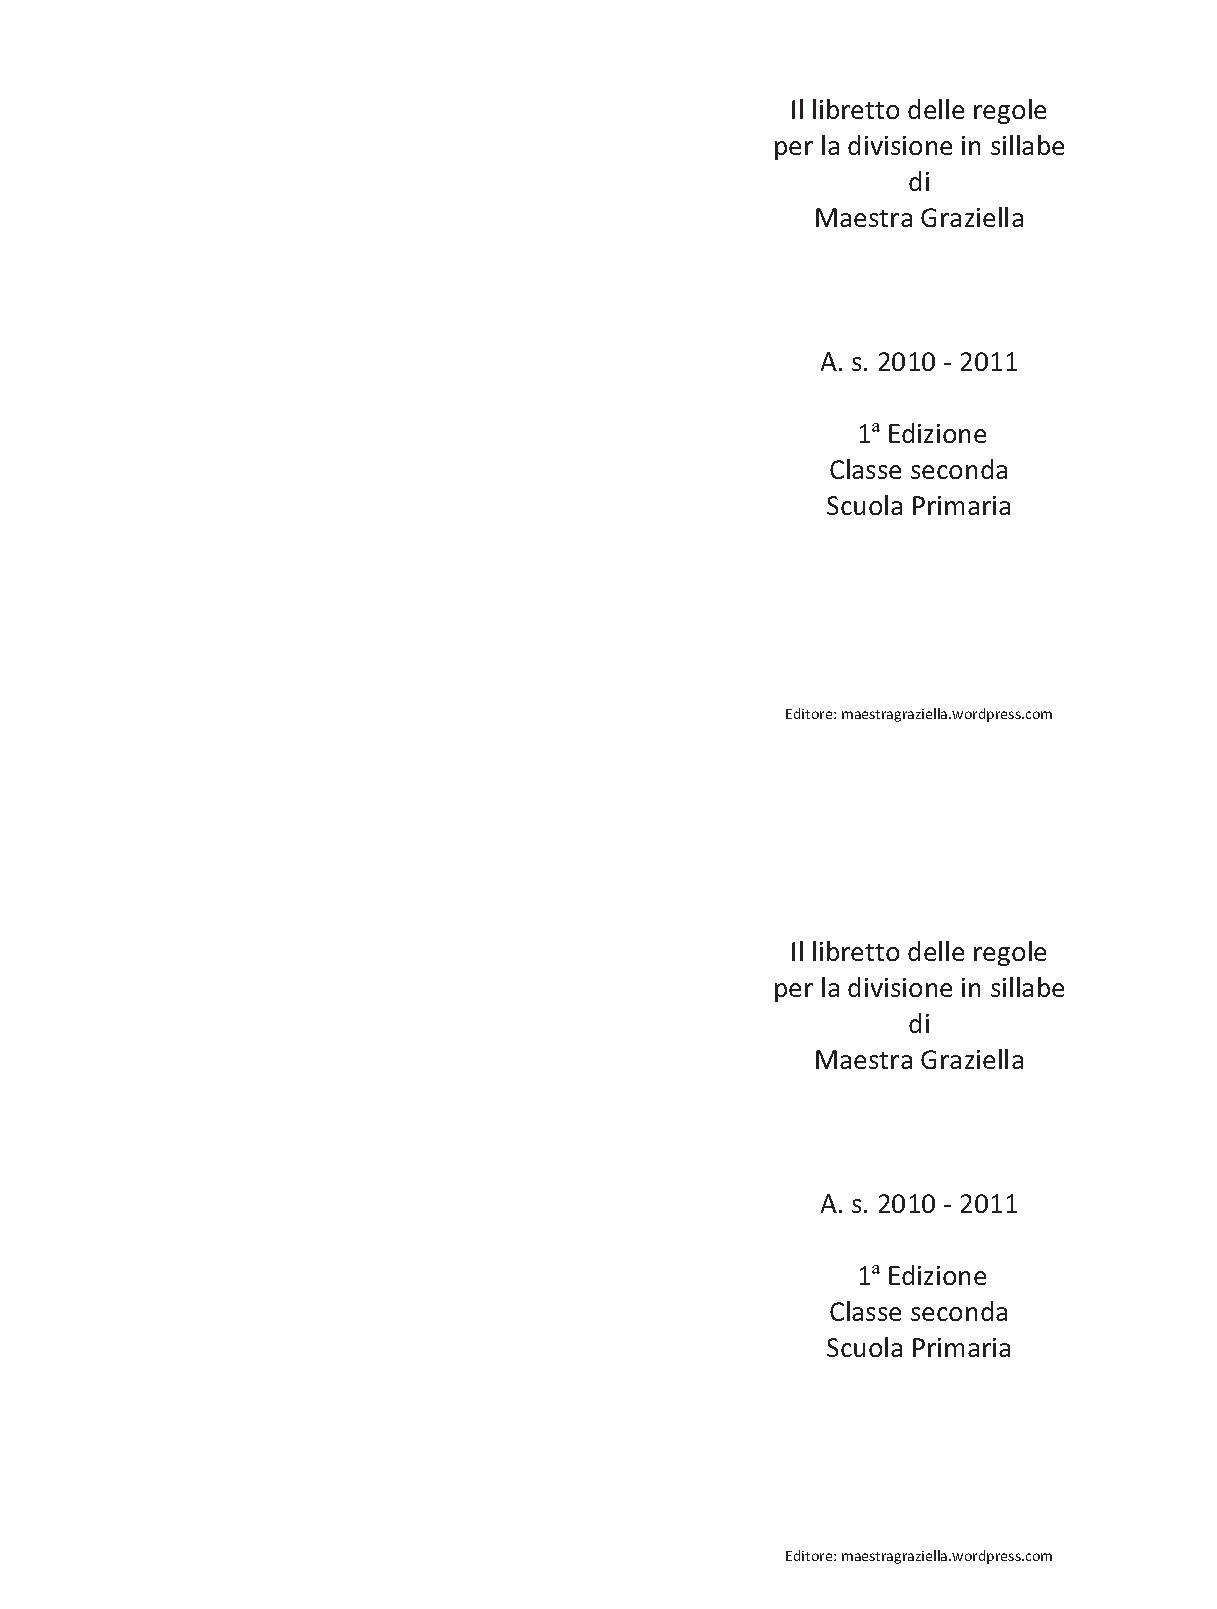 Famoso REGOLE PER LA DIVISIONE IN SILLABE | Maestragraziella GY98